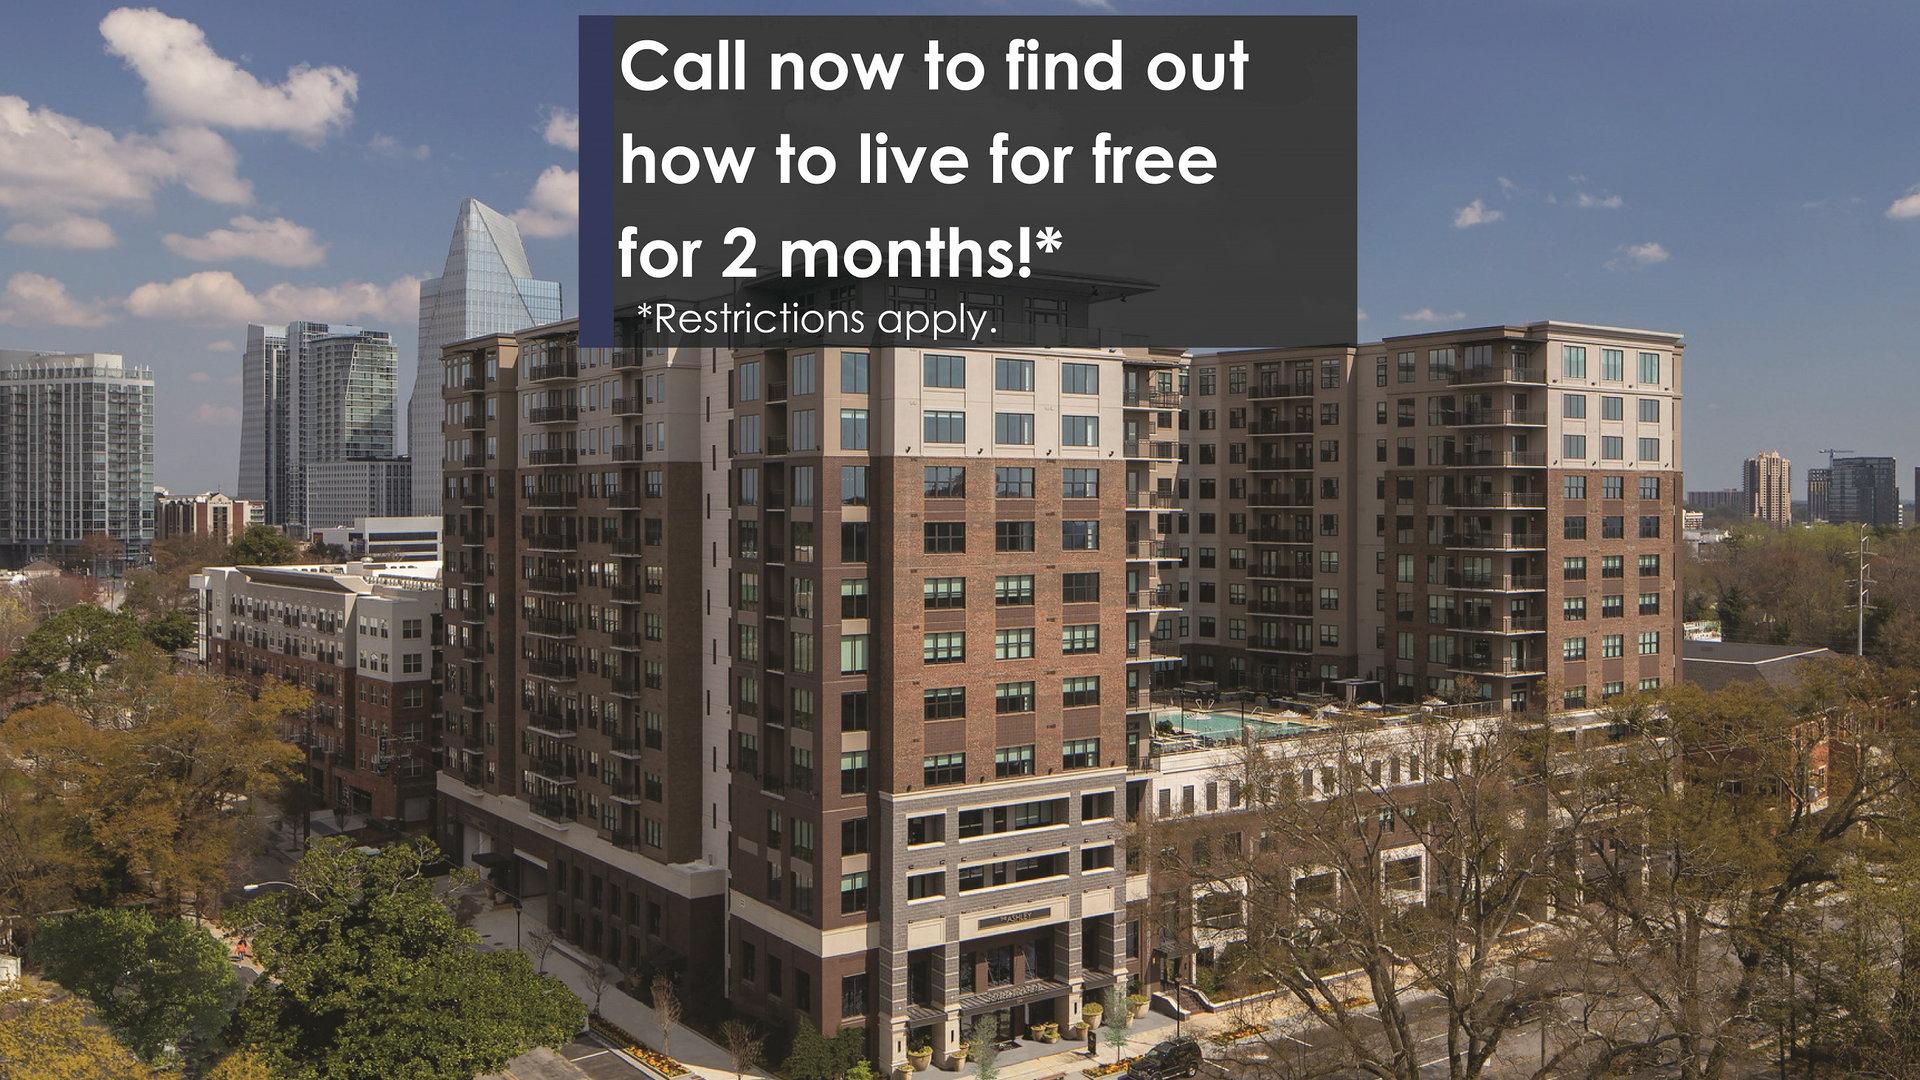 796 Apartments for Rent in Atlanta, GA | ApartmentRatings©